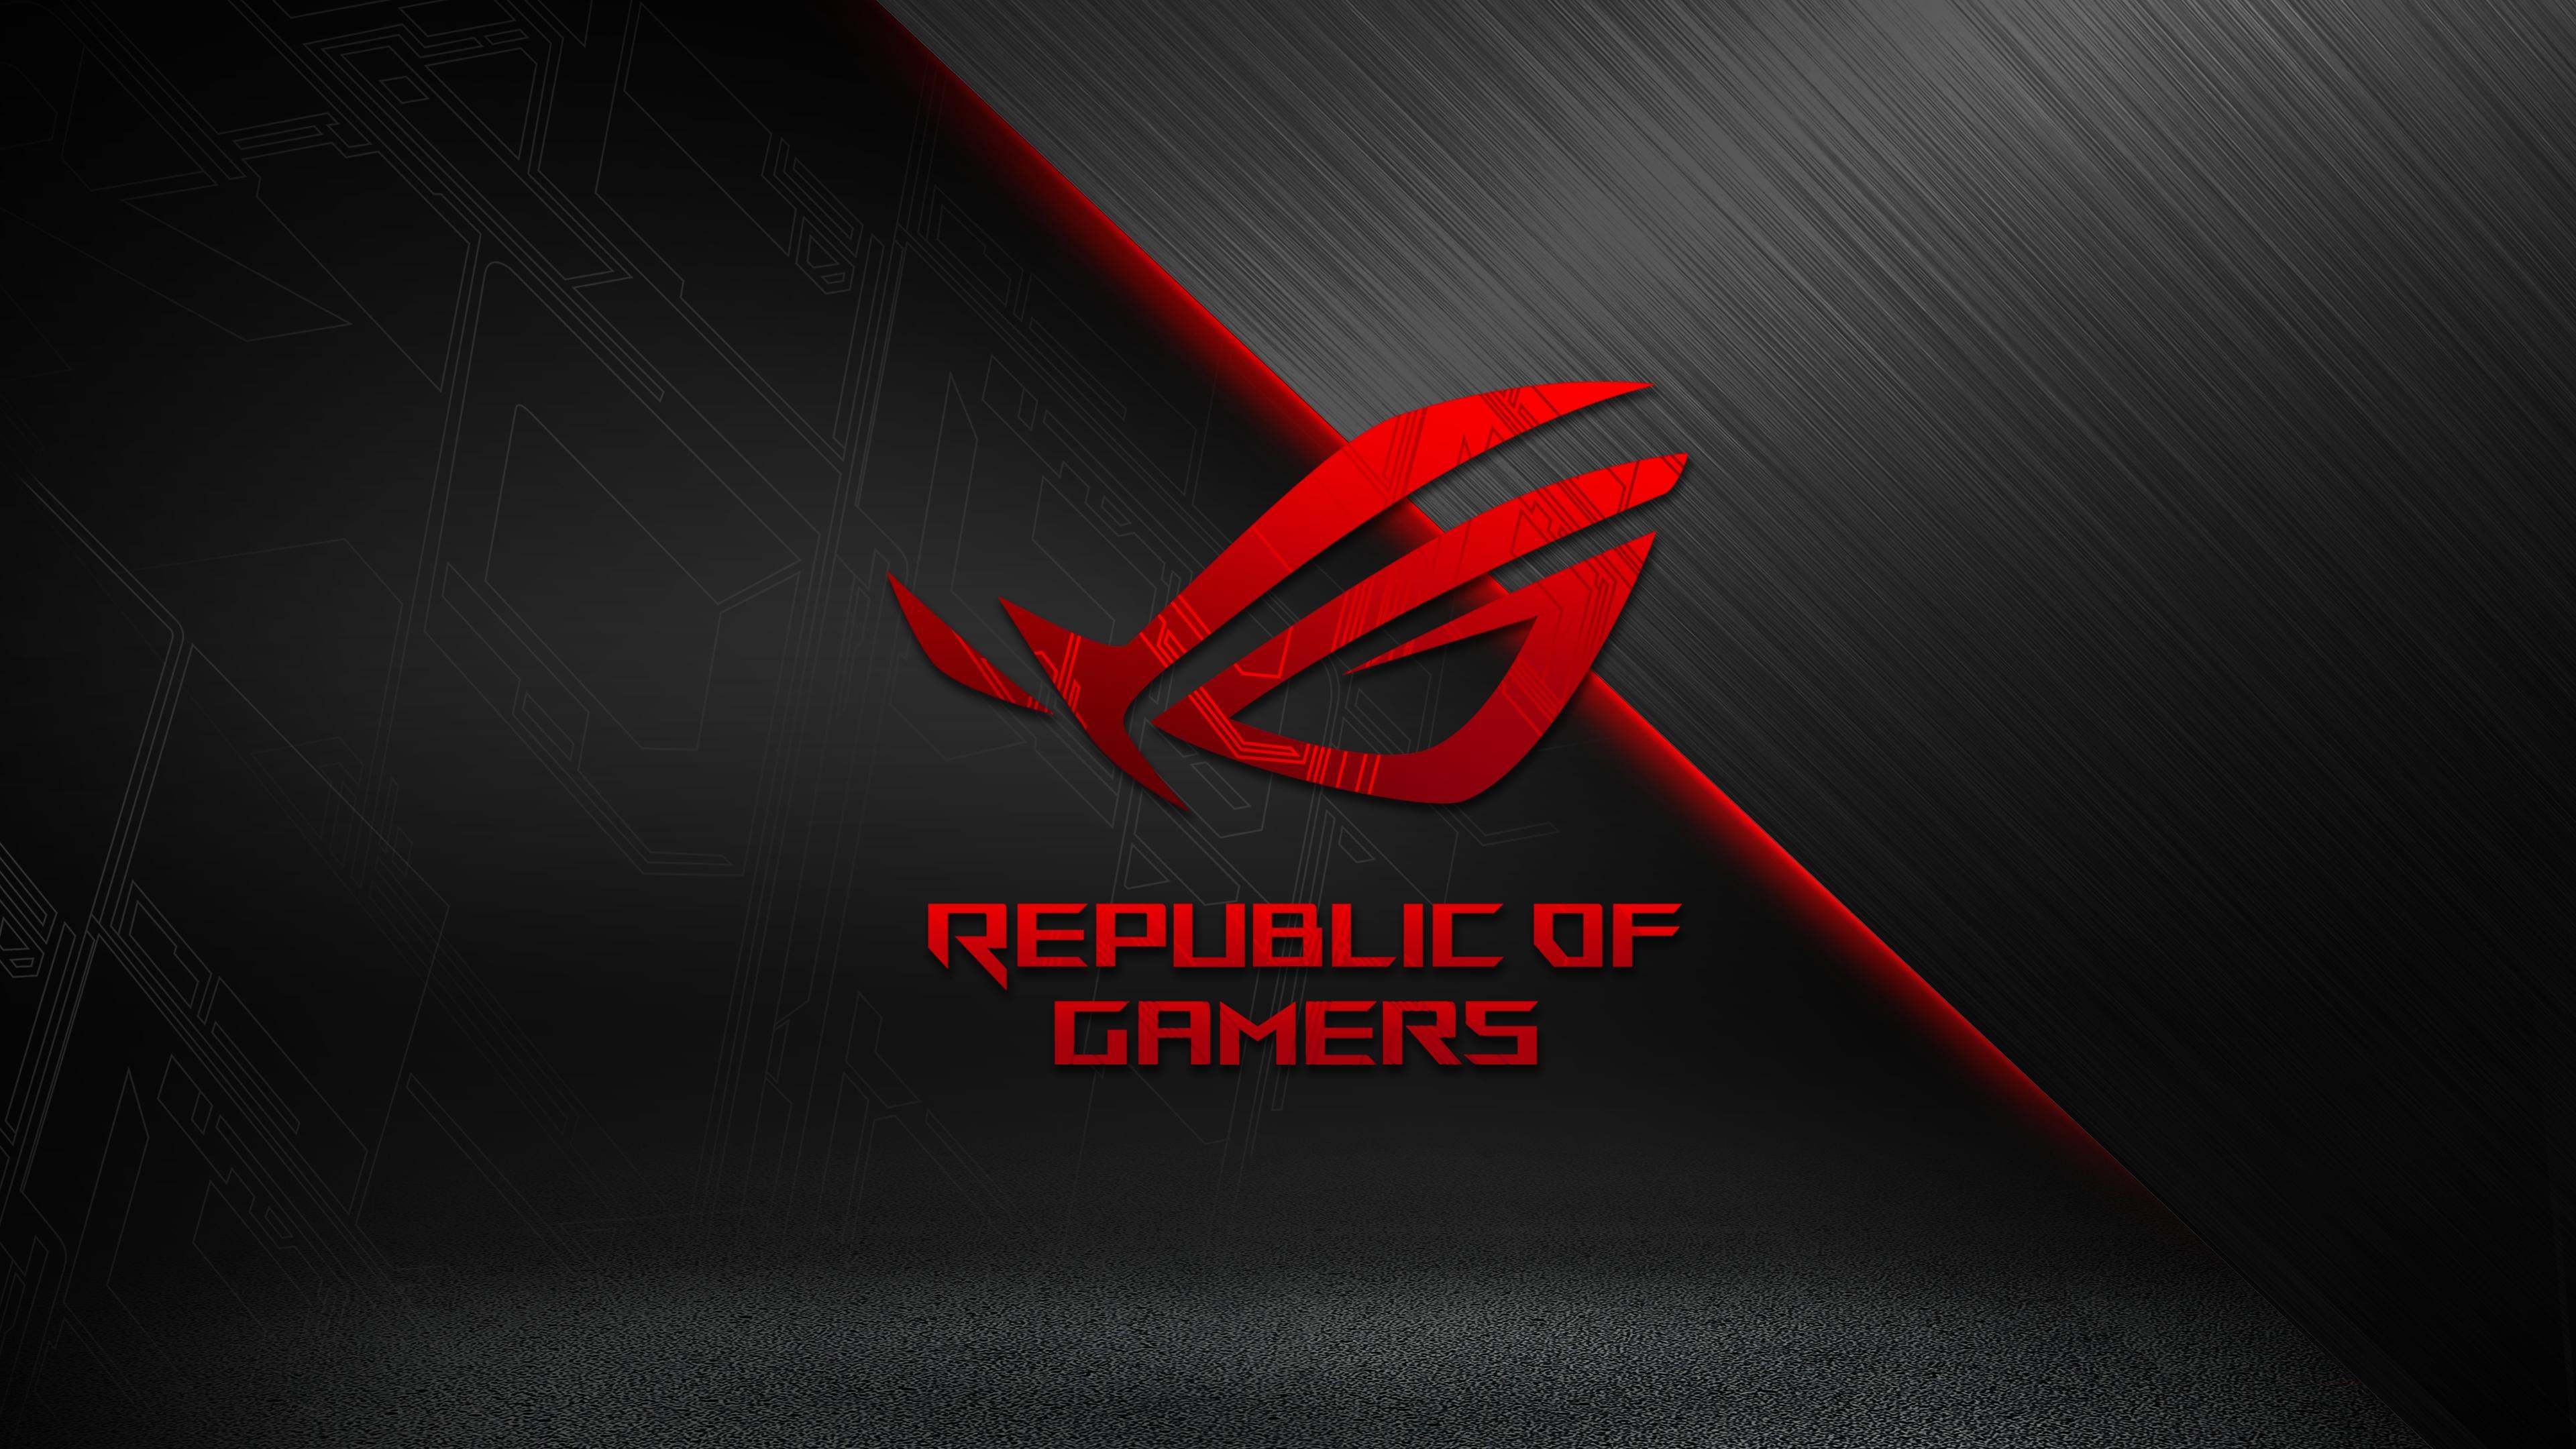 games rog asus republic of gamers wallpapers (desktop, phone, tablet